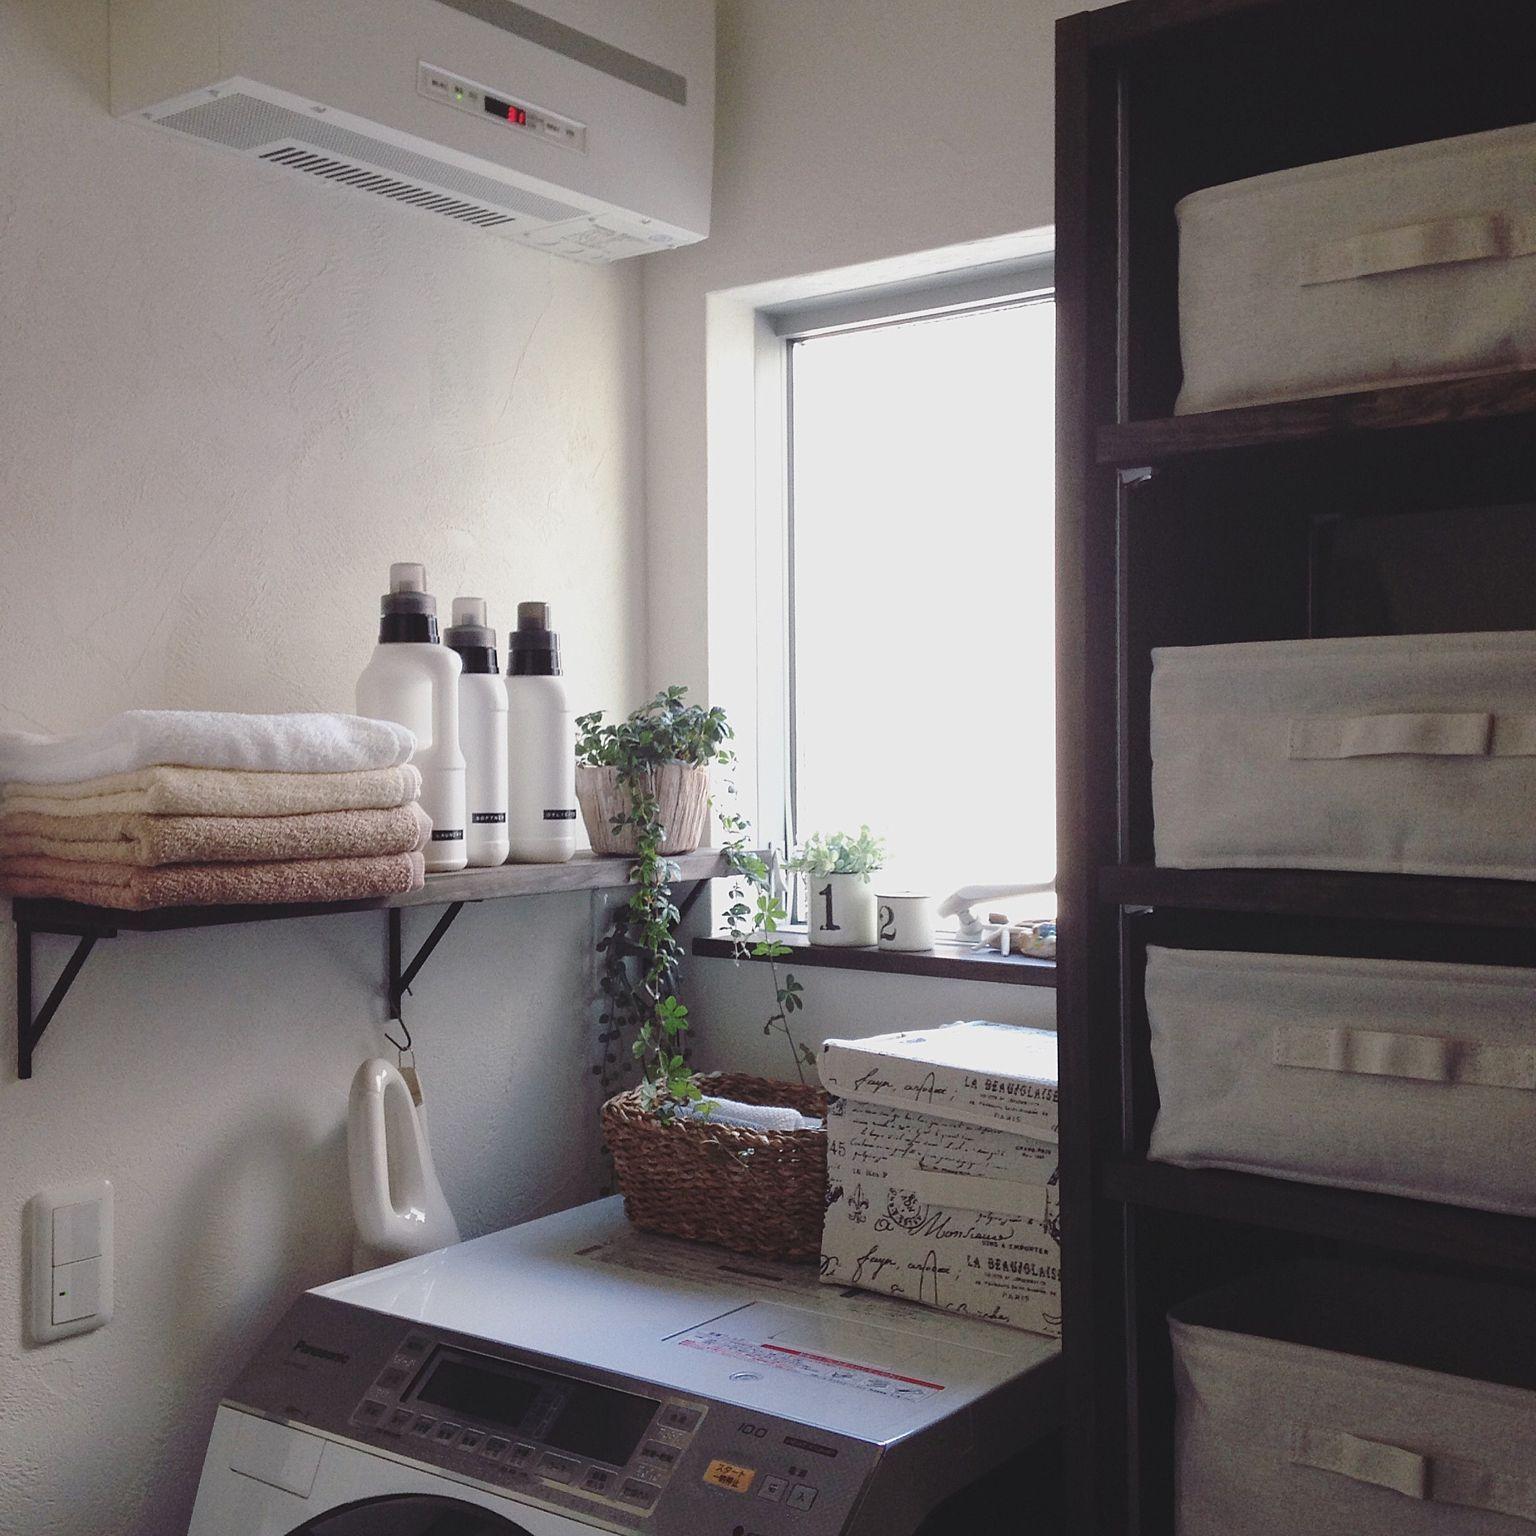 洗濯機上を有効活用する収納アイデア48選 収納 アイデア 海外